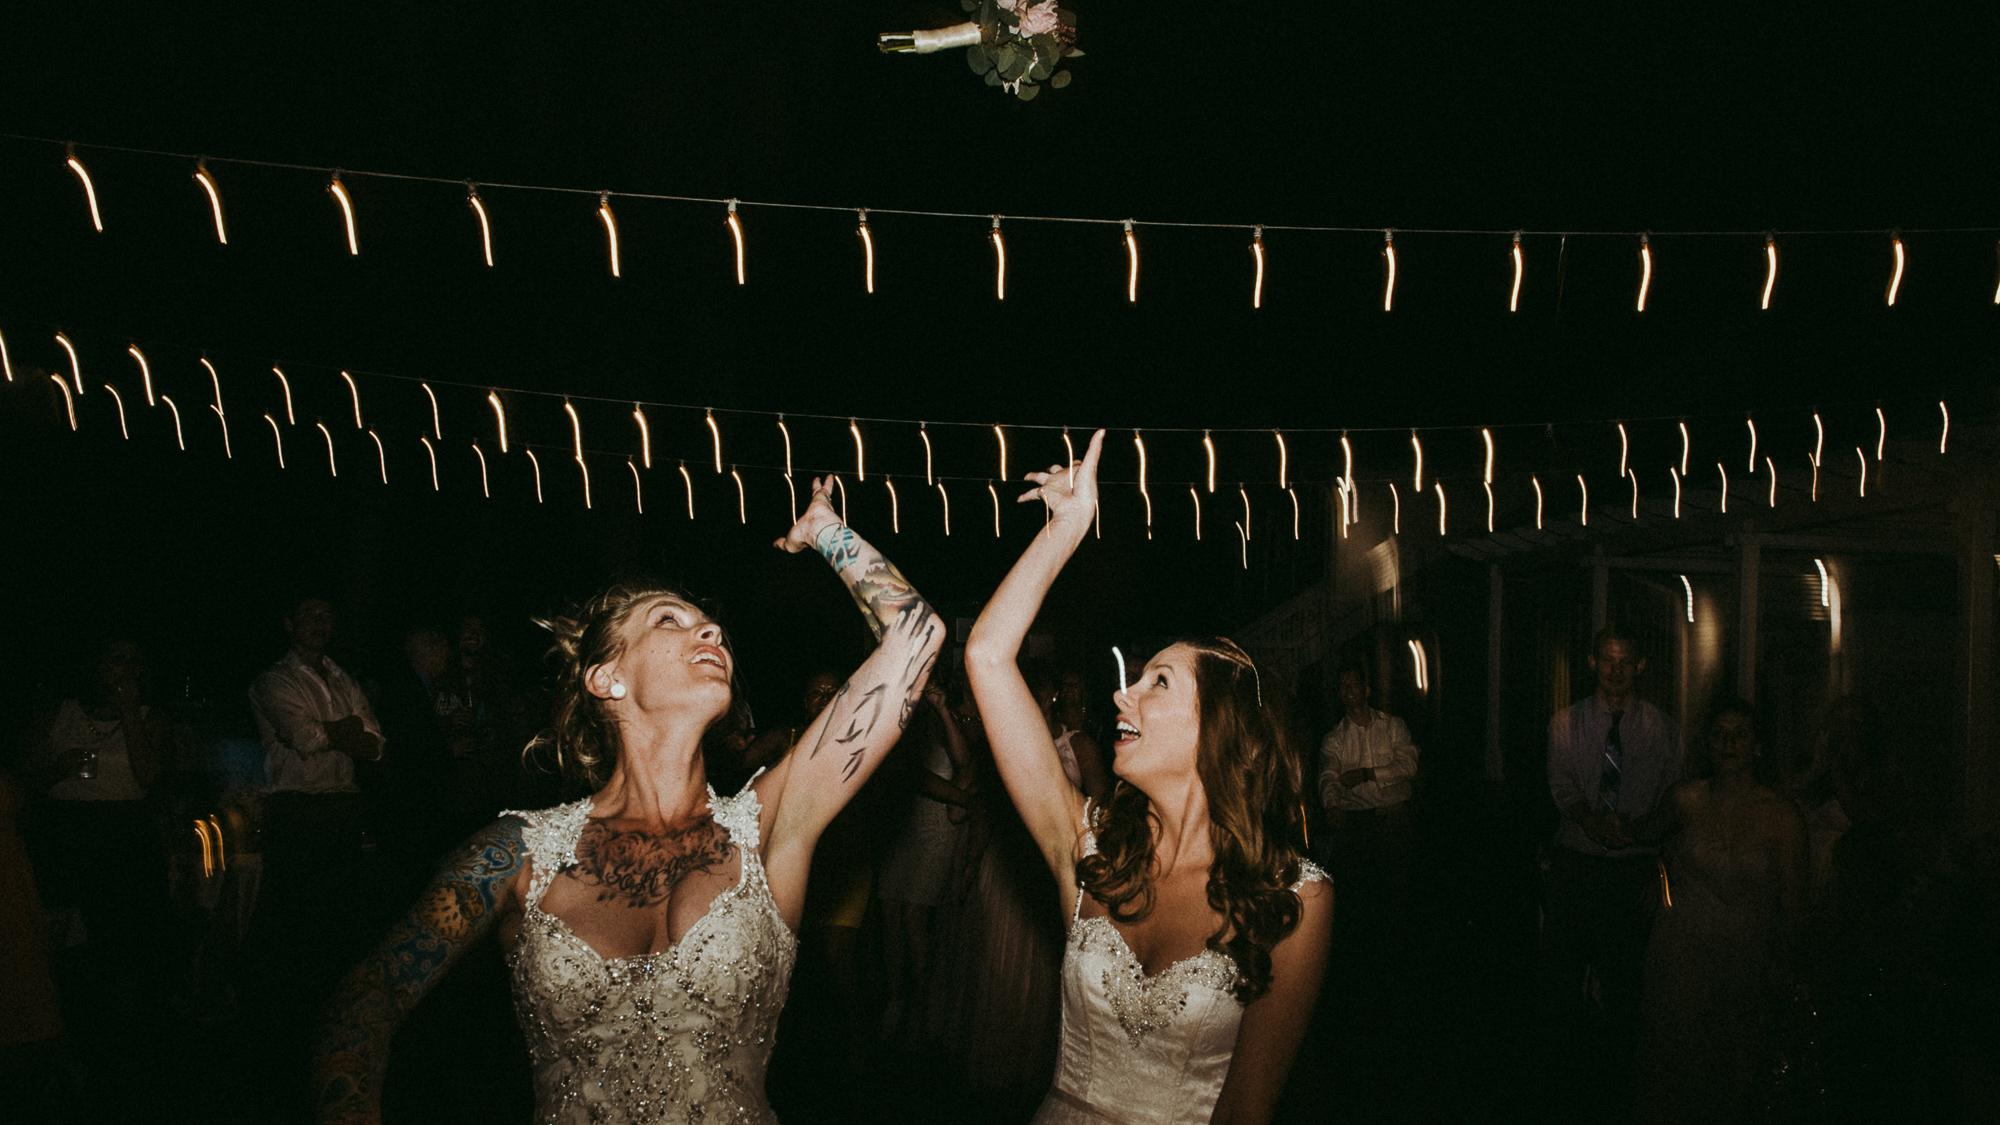 gian-carlo-photography-weddings-30.jpg